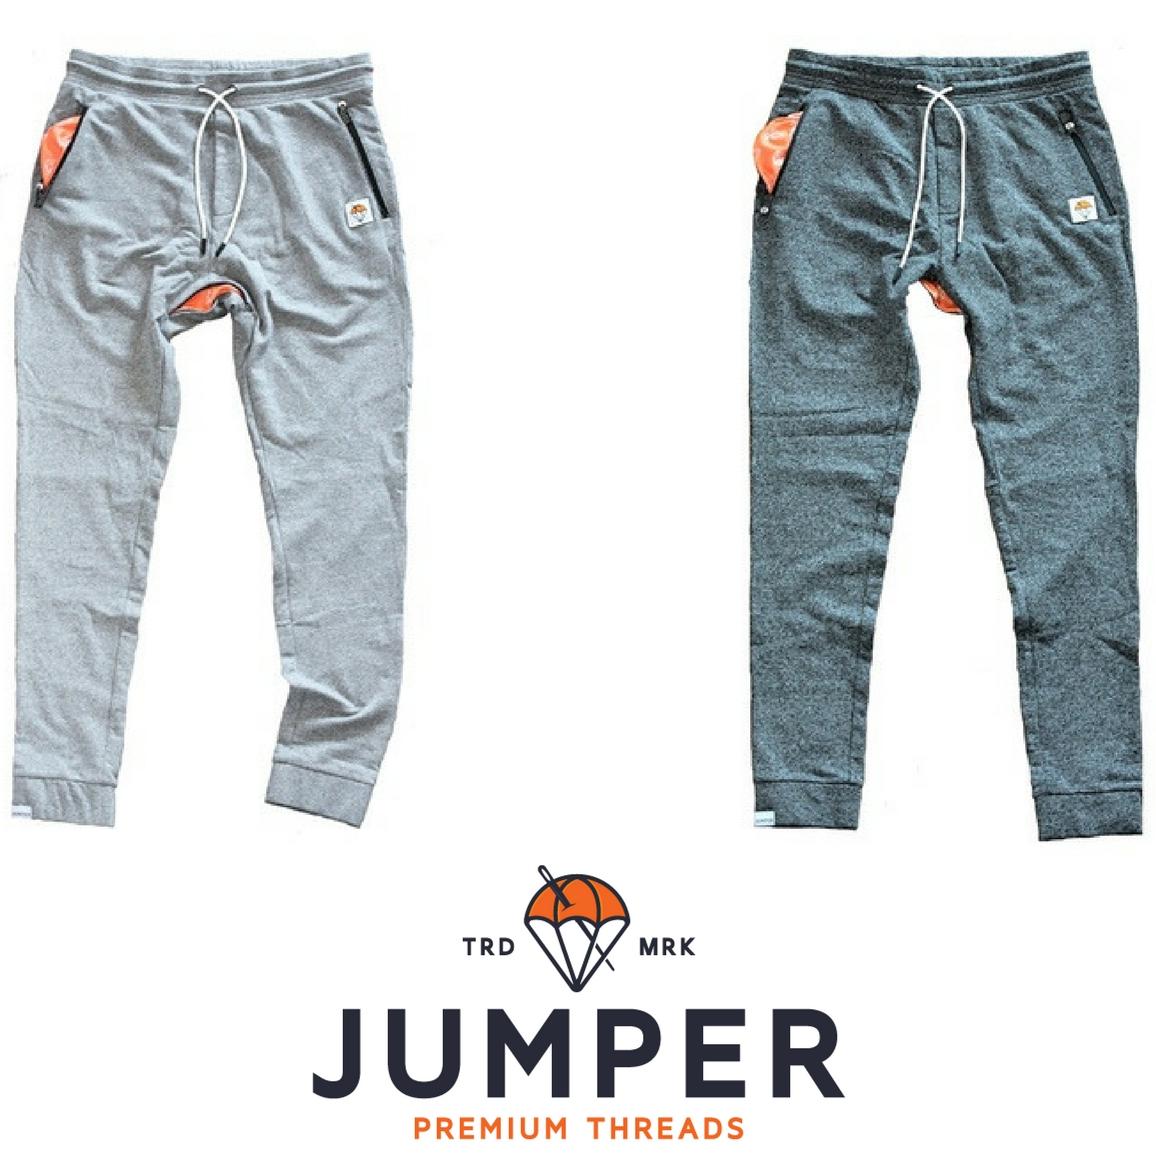 Jumper Premium Threads Brand image.jpg